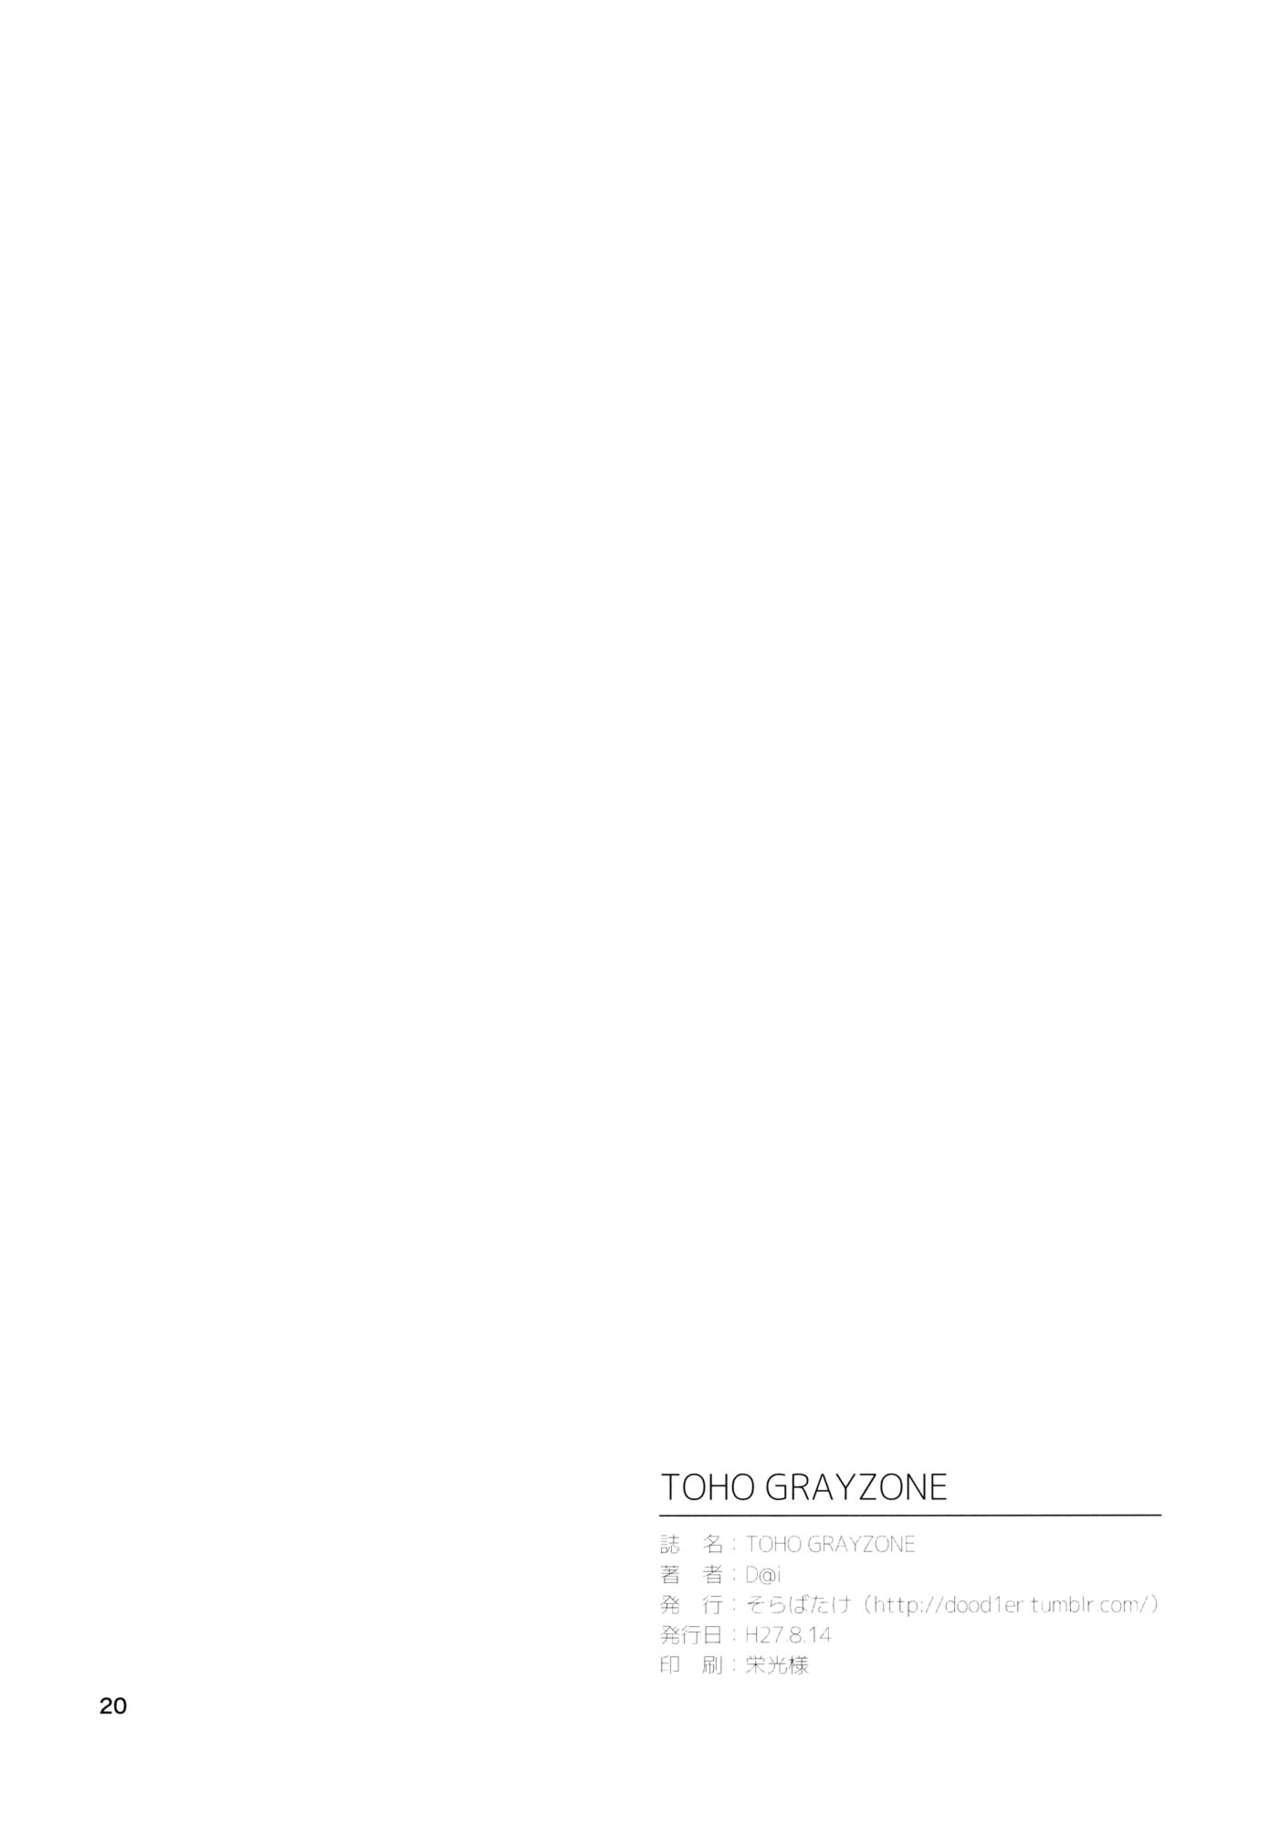 TOHO GRAYZONE 20